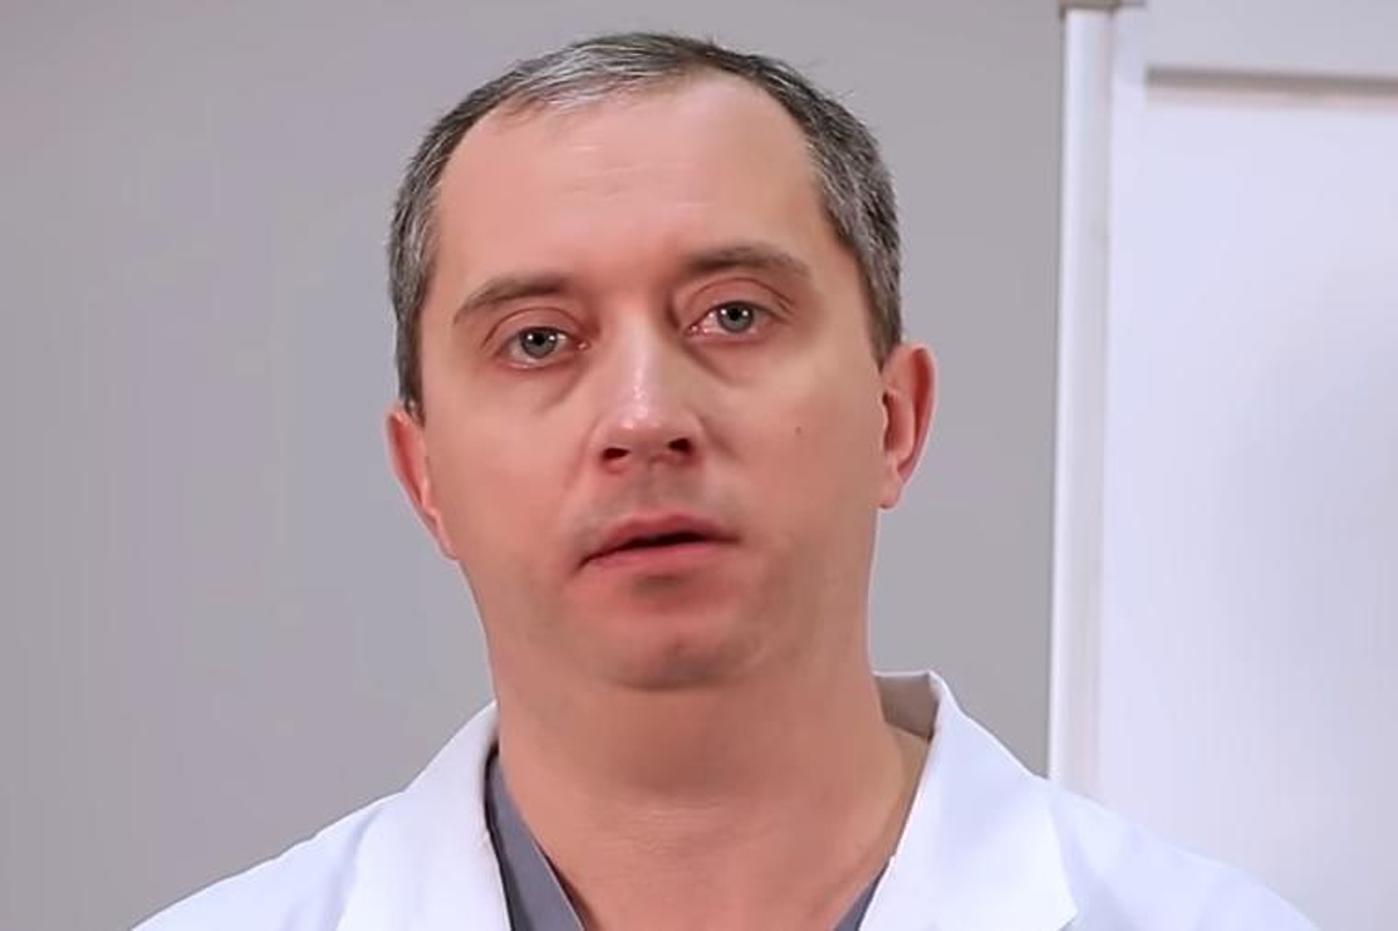 hipertenzija može izliječiti zauvijek)